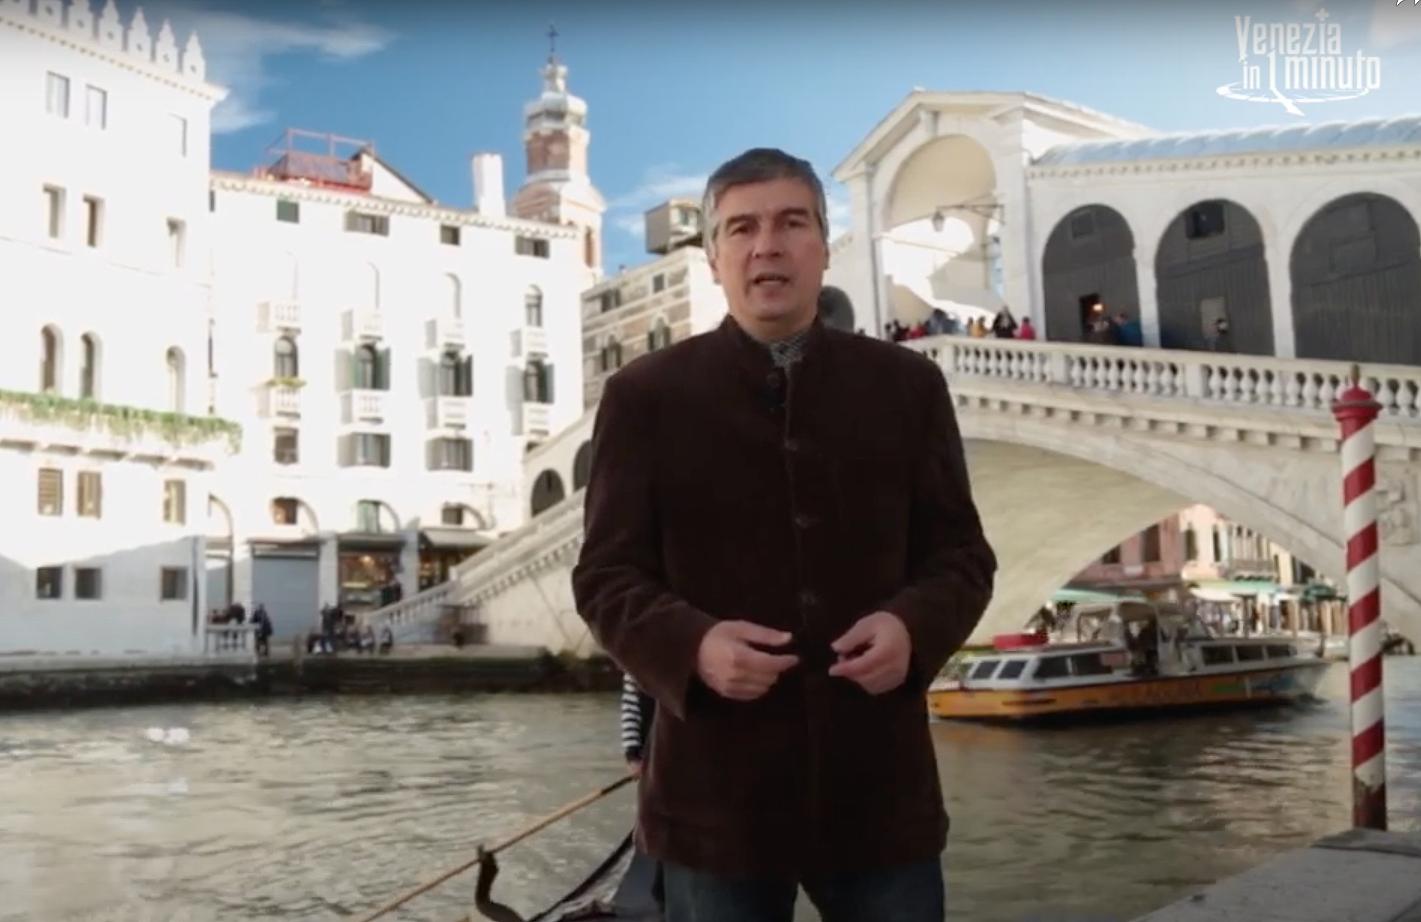 Alberto Toso Fei - Venezia in un minuto